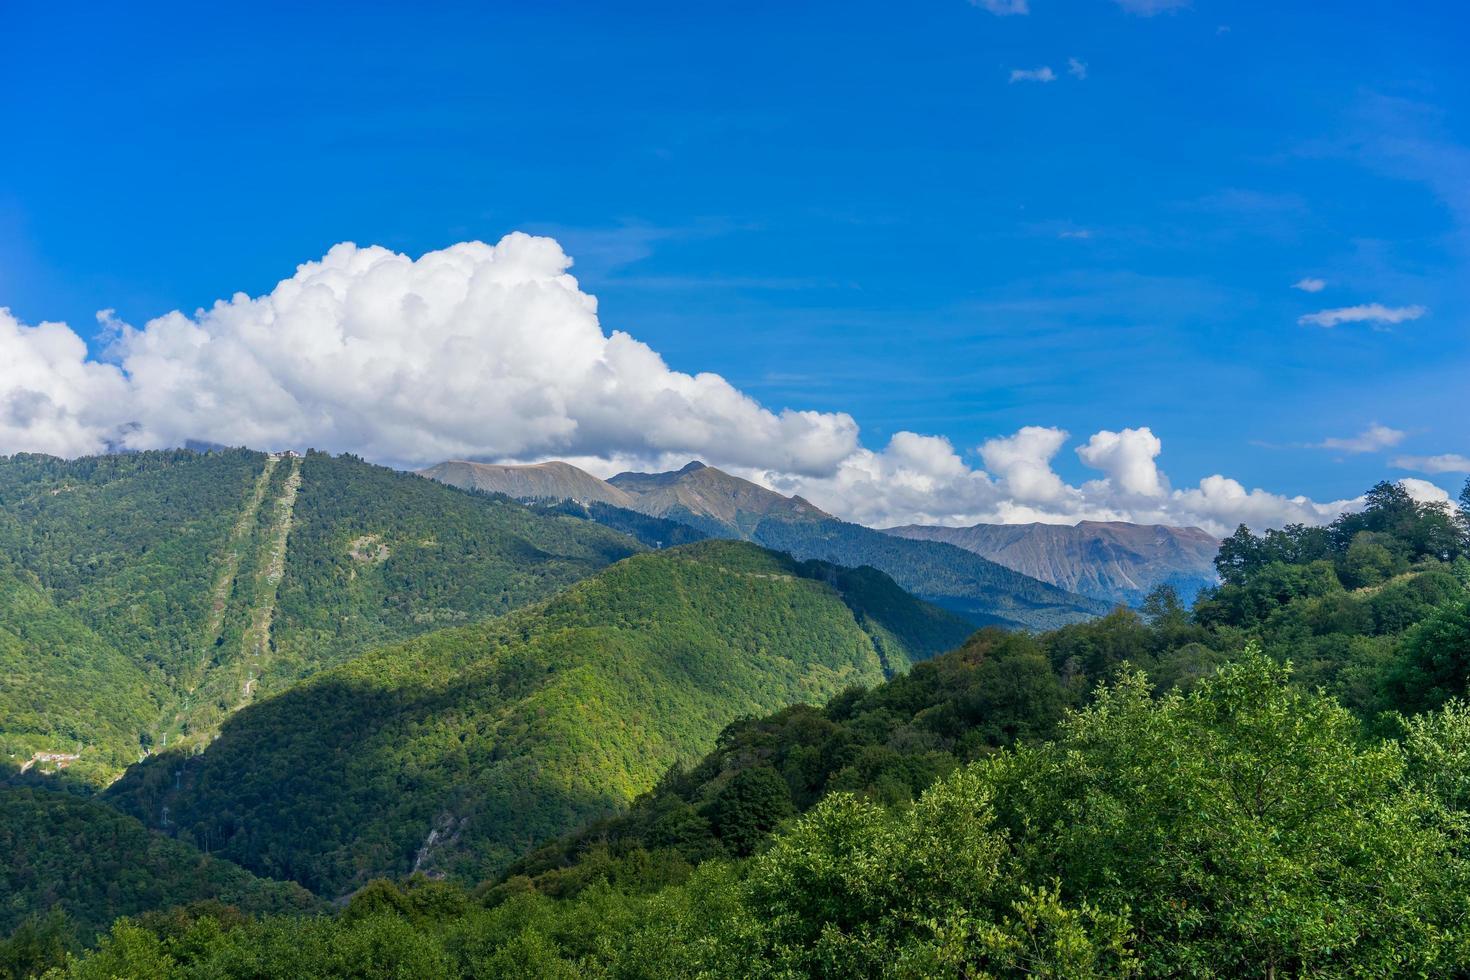 paisaje de montaña contra el cielo azul nublado foto